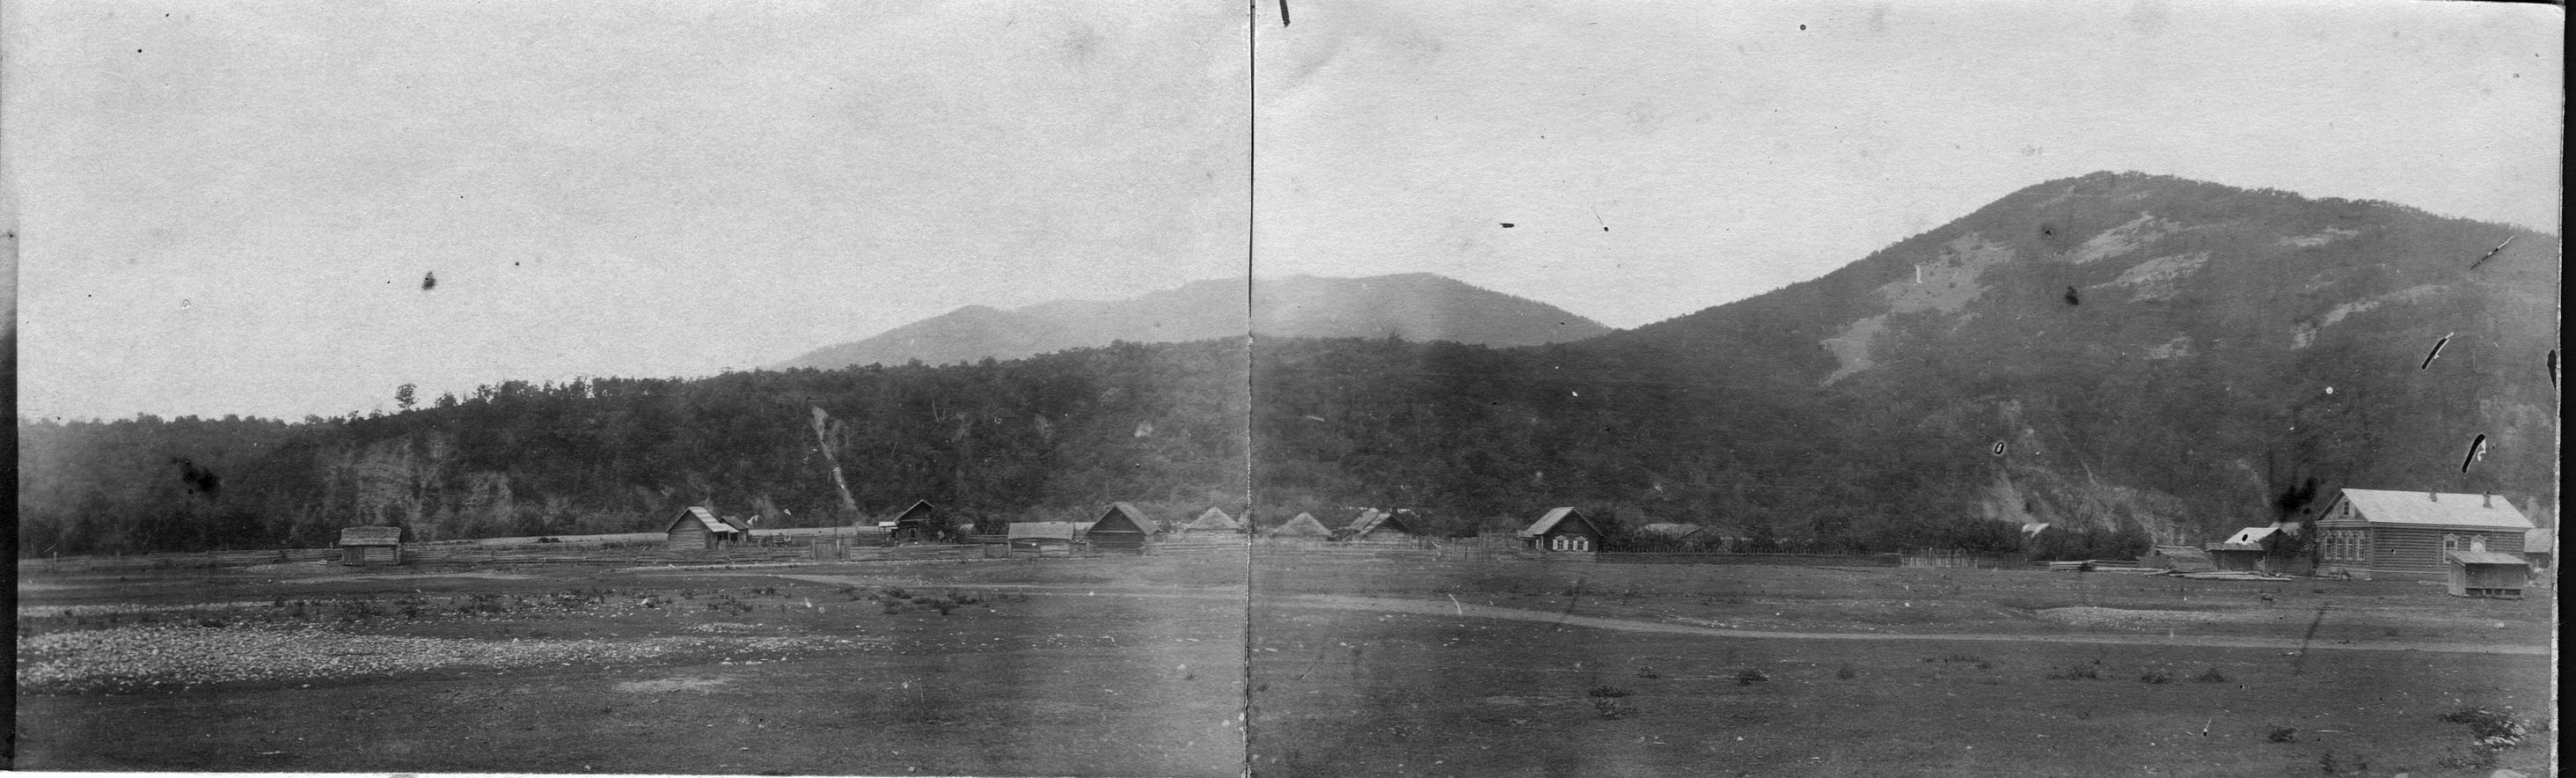 Обнажения у деревни Хмельницкой. Туфогенный горизонт горы и высоты, сложенные гранитом